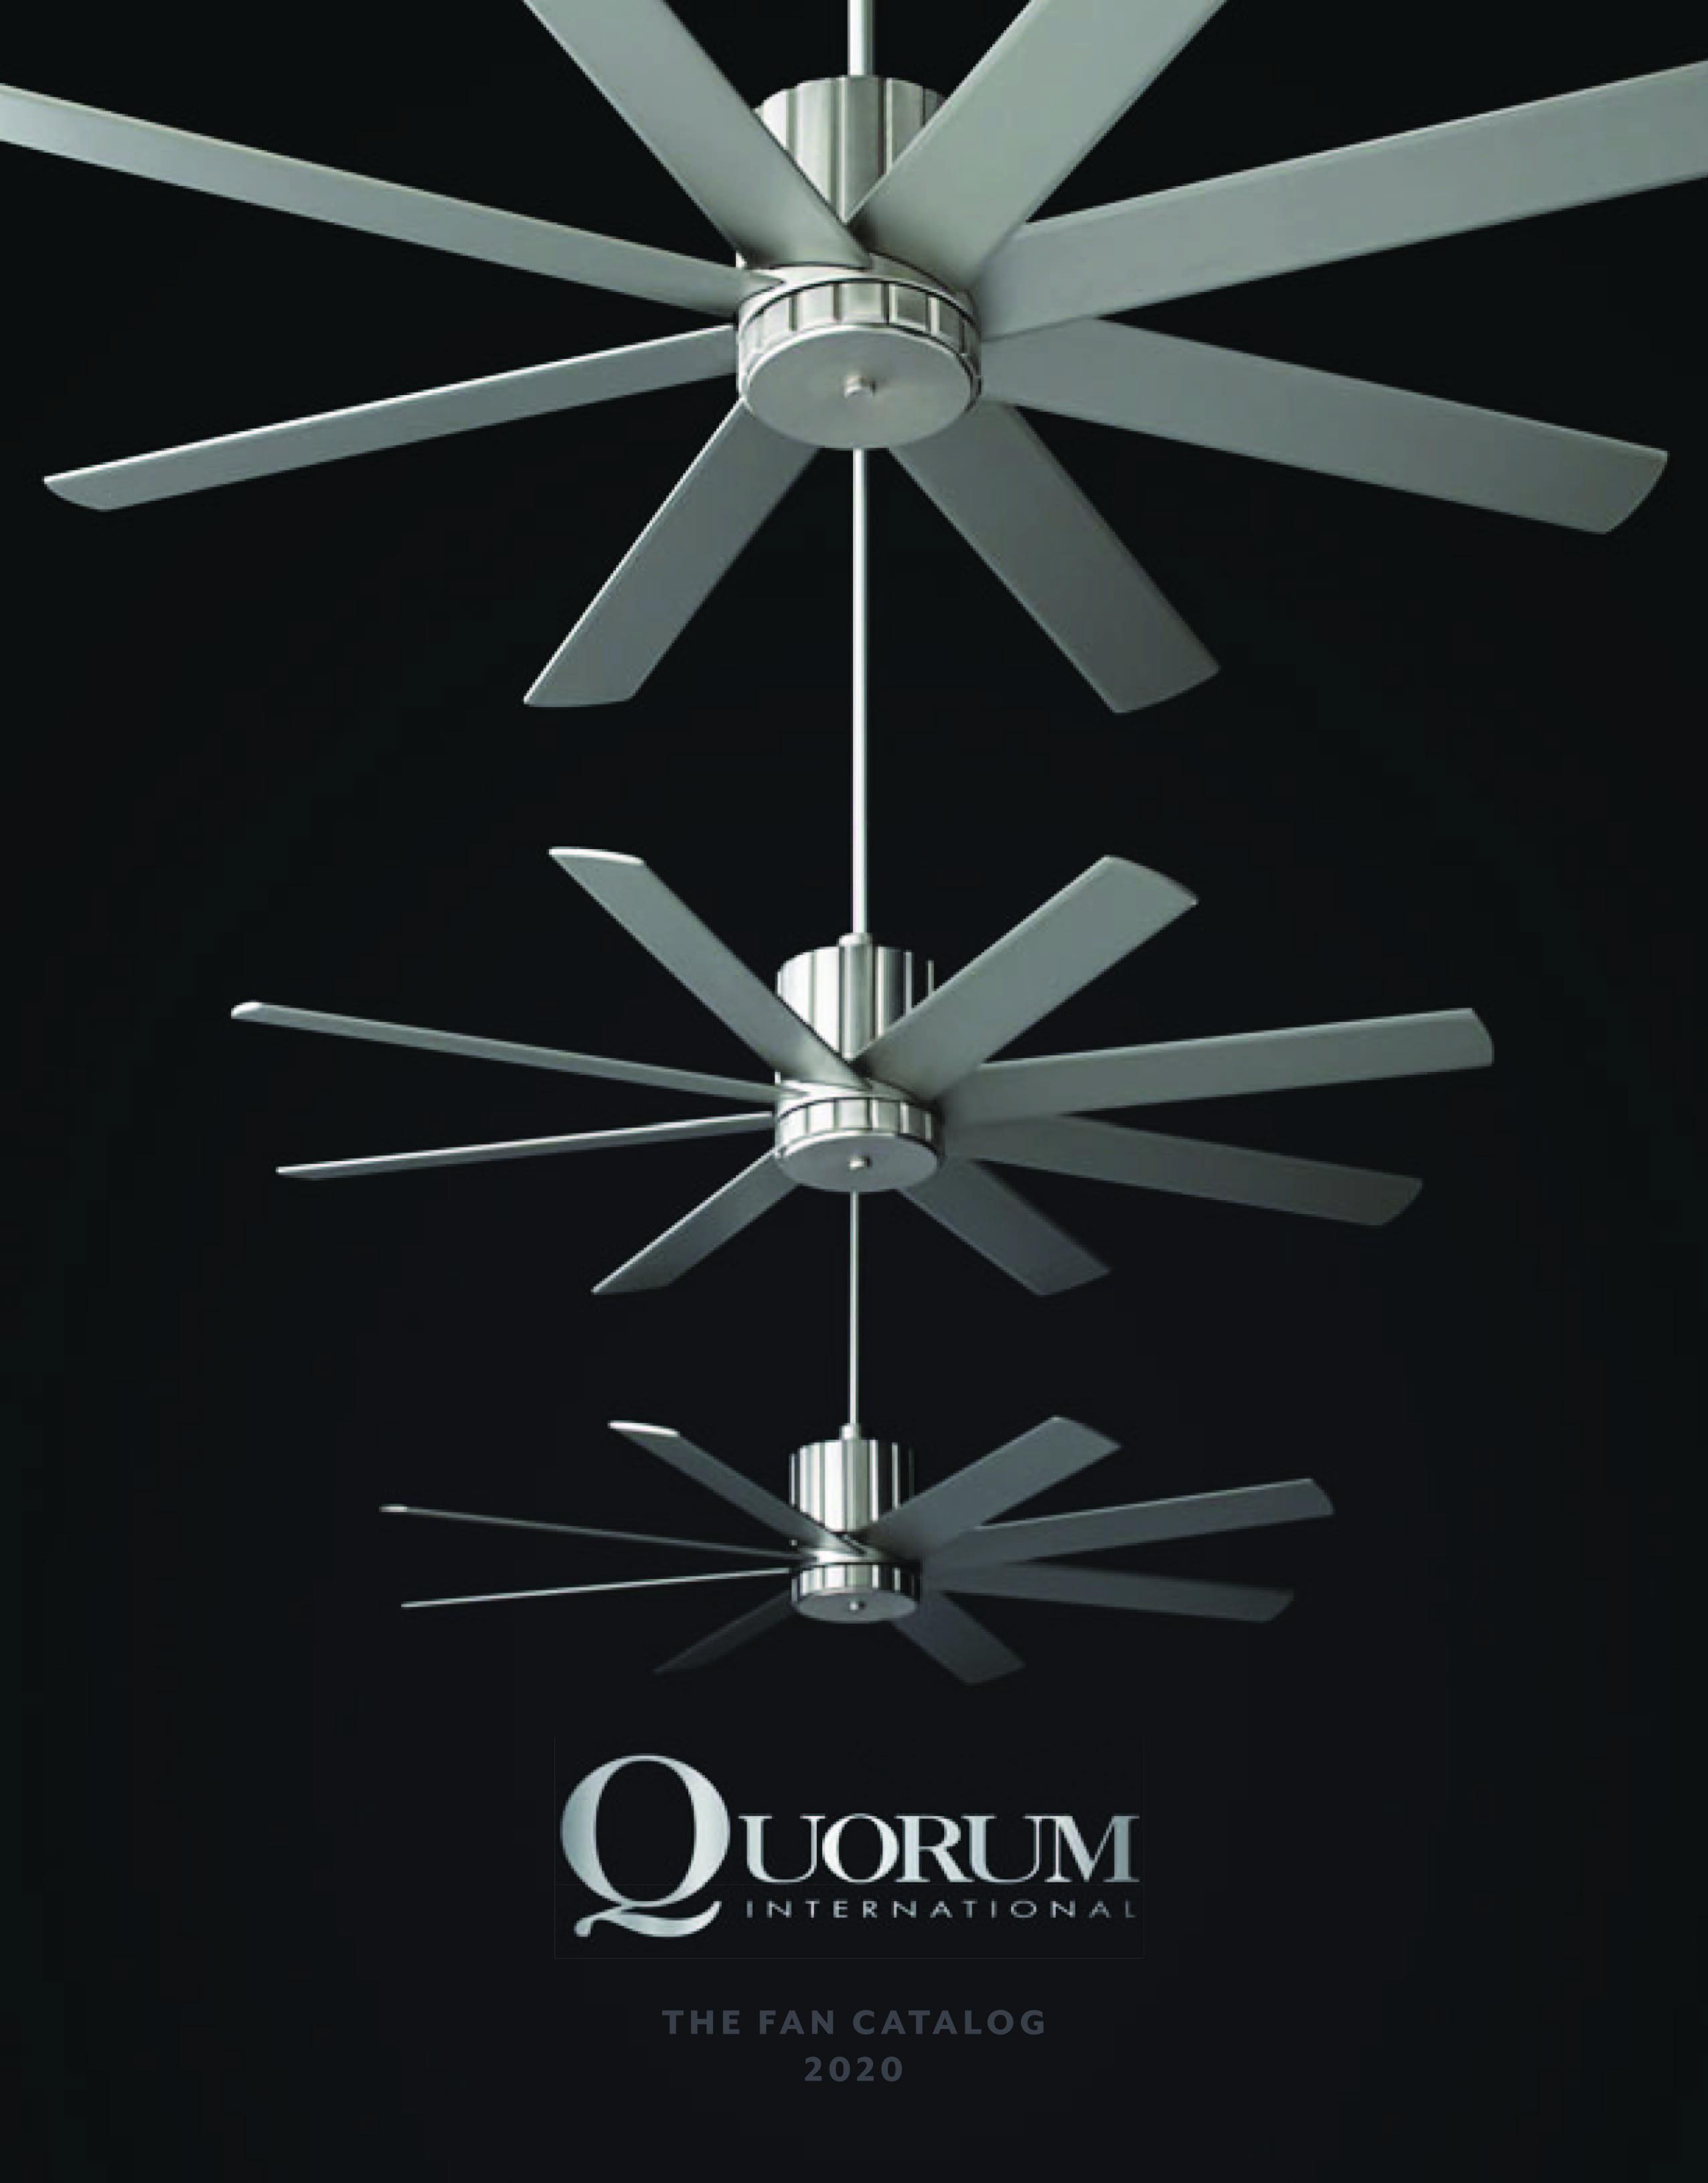 Quorum Ceiling Fan